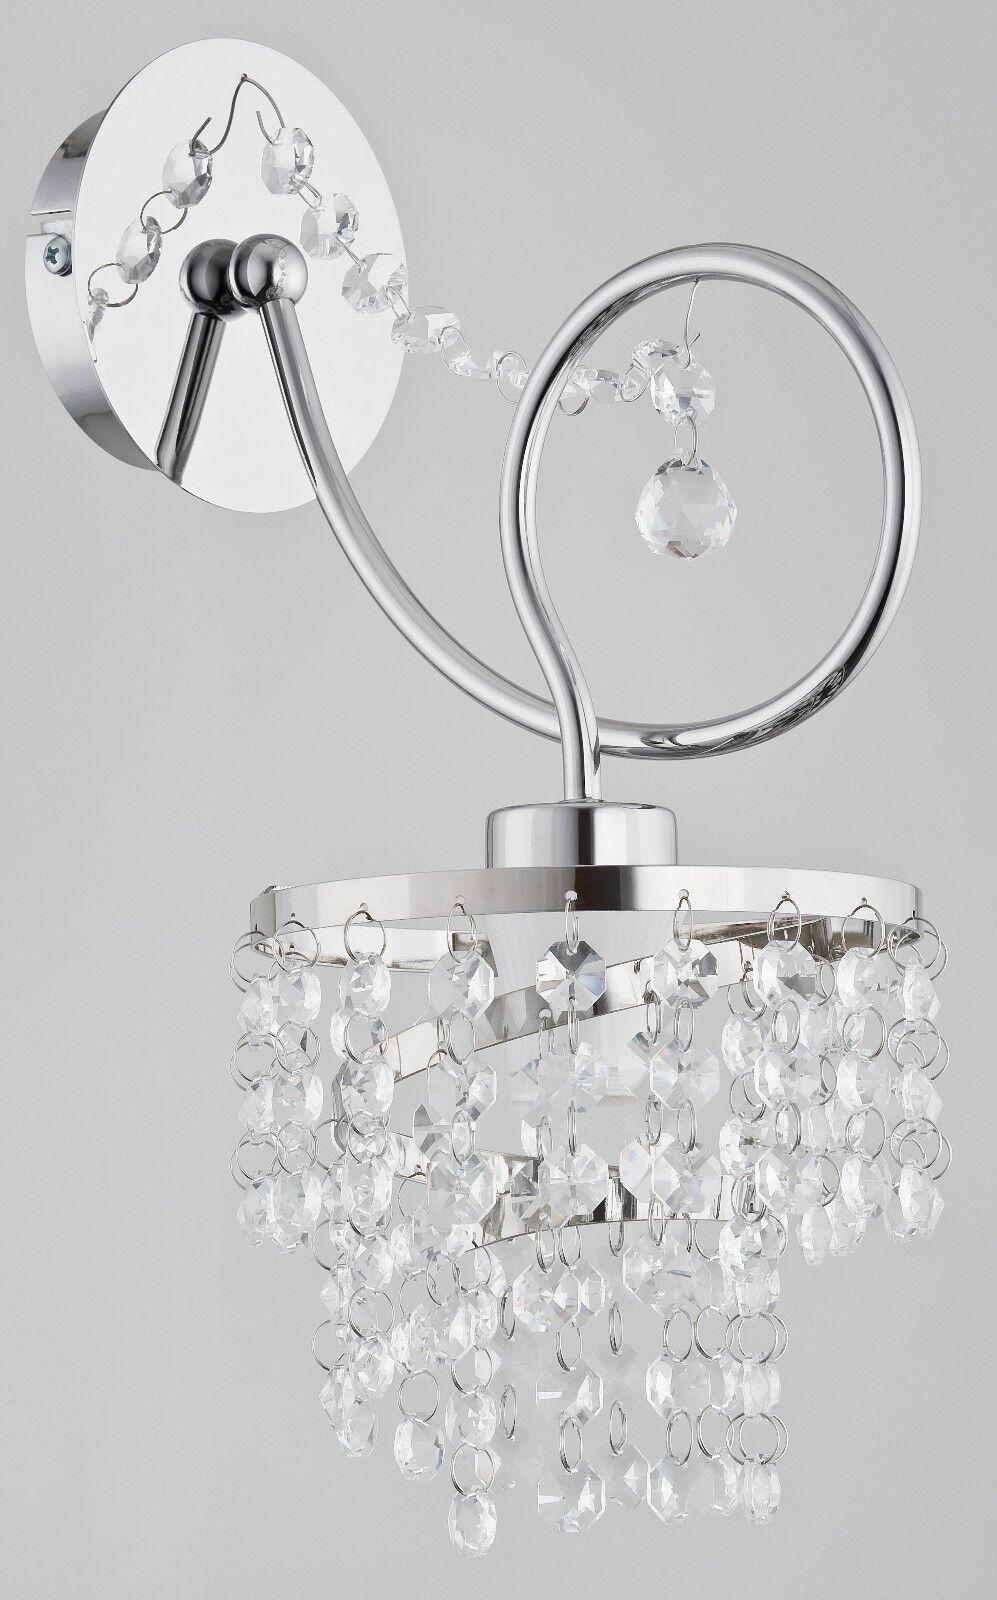 Cristaux de luxe lustre lustre lustre 5 bras moderne Palais lumière couloir salle à Femmeger Diana NEUF | Nous Avons Gagné Les éloges De Clients  b8d4d4